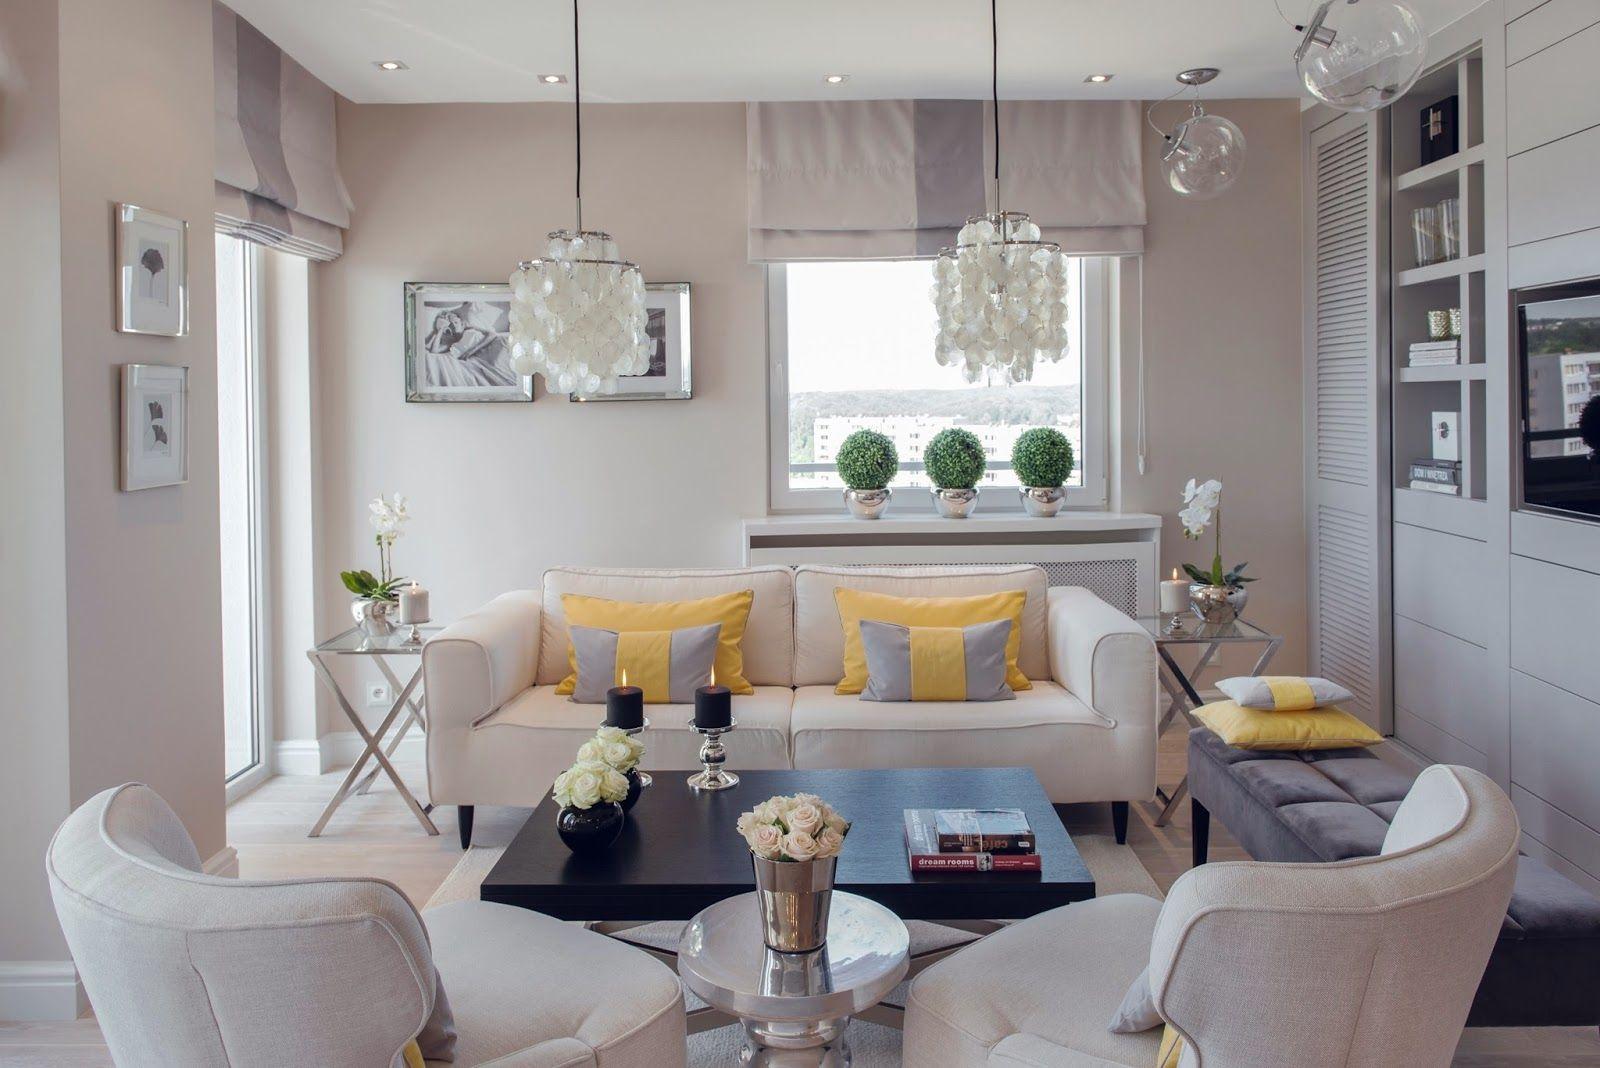 Apartamento Clean Decora O Requintada Com Toques De Amarelo  ~ Aluguel De Quarto Rj E Quarto Amarelo E Lilas